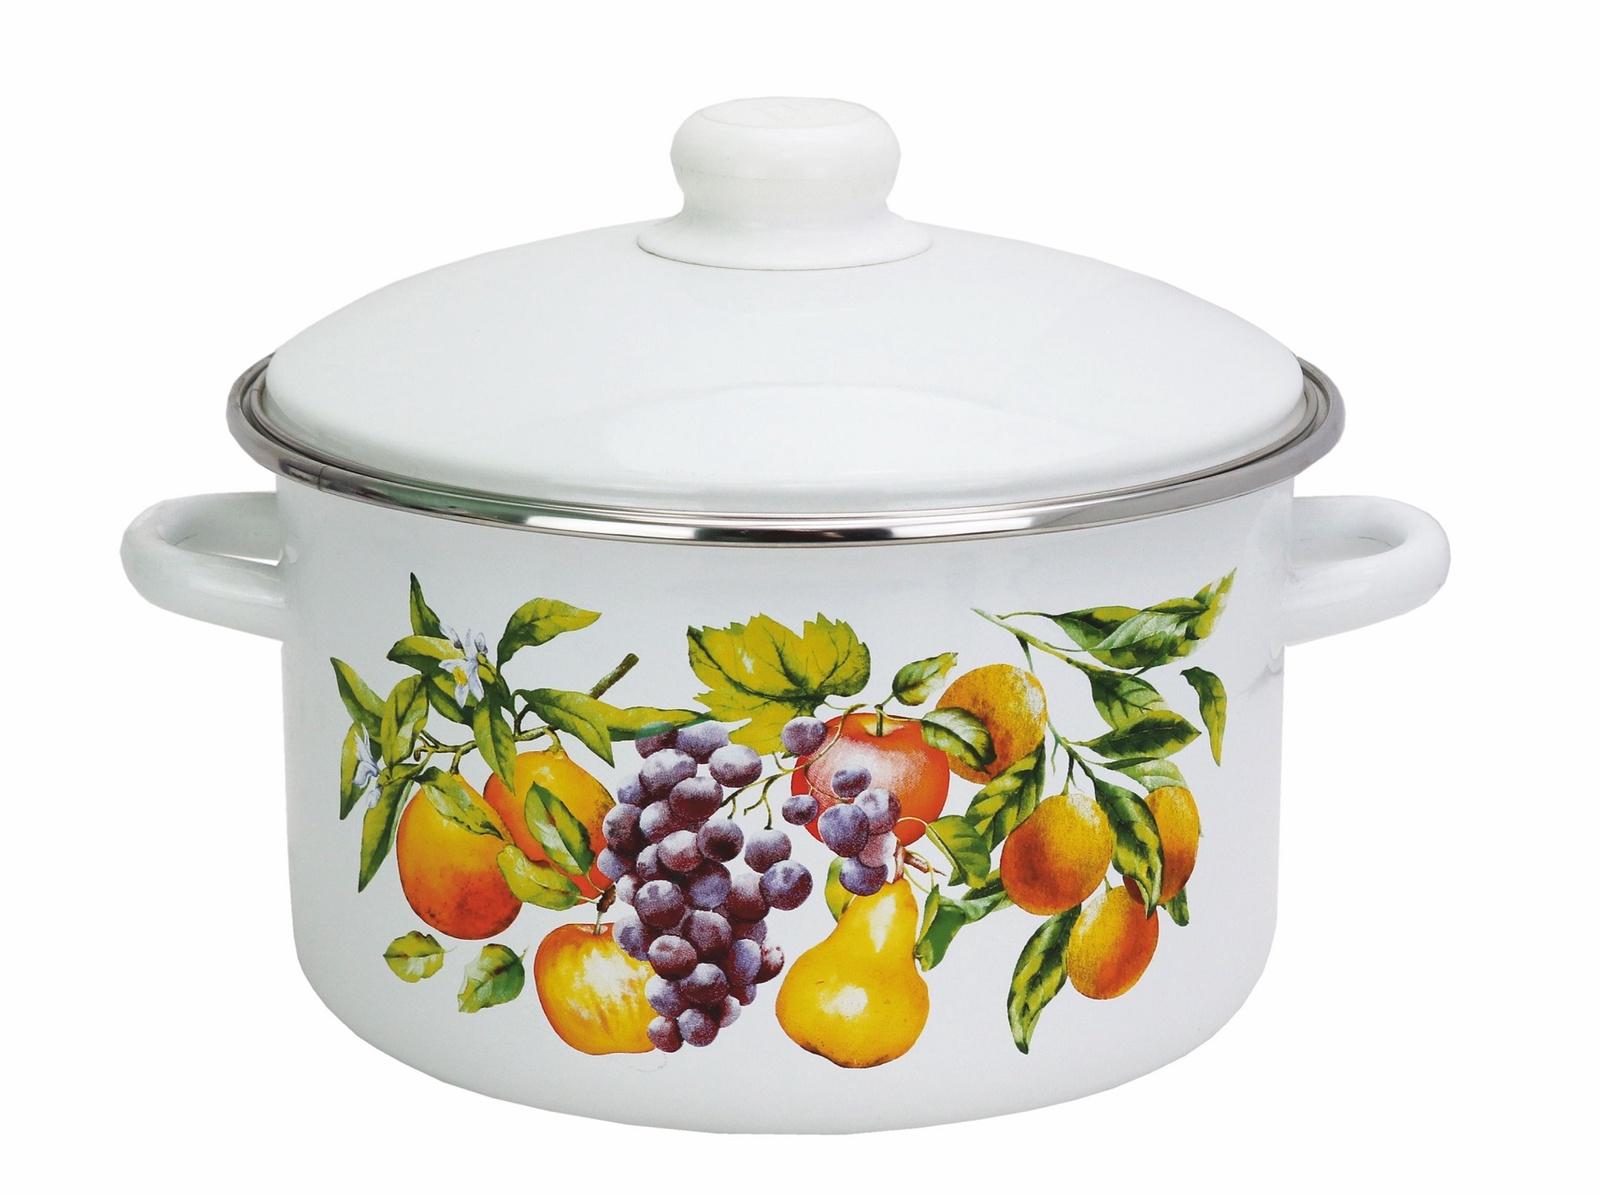 Фото - Кастрюля Эмаль Фрукты, 2 литра с металлической крышкой, белый посуда для приготовления пищи